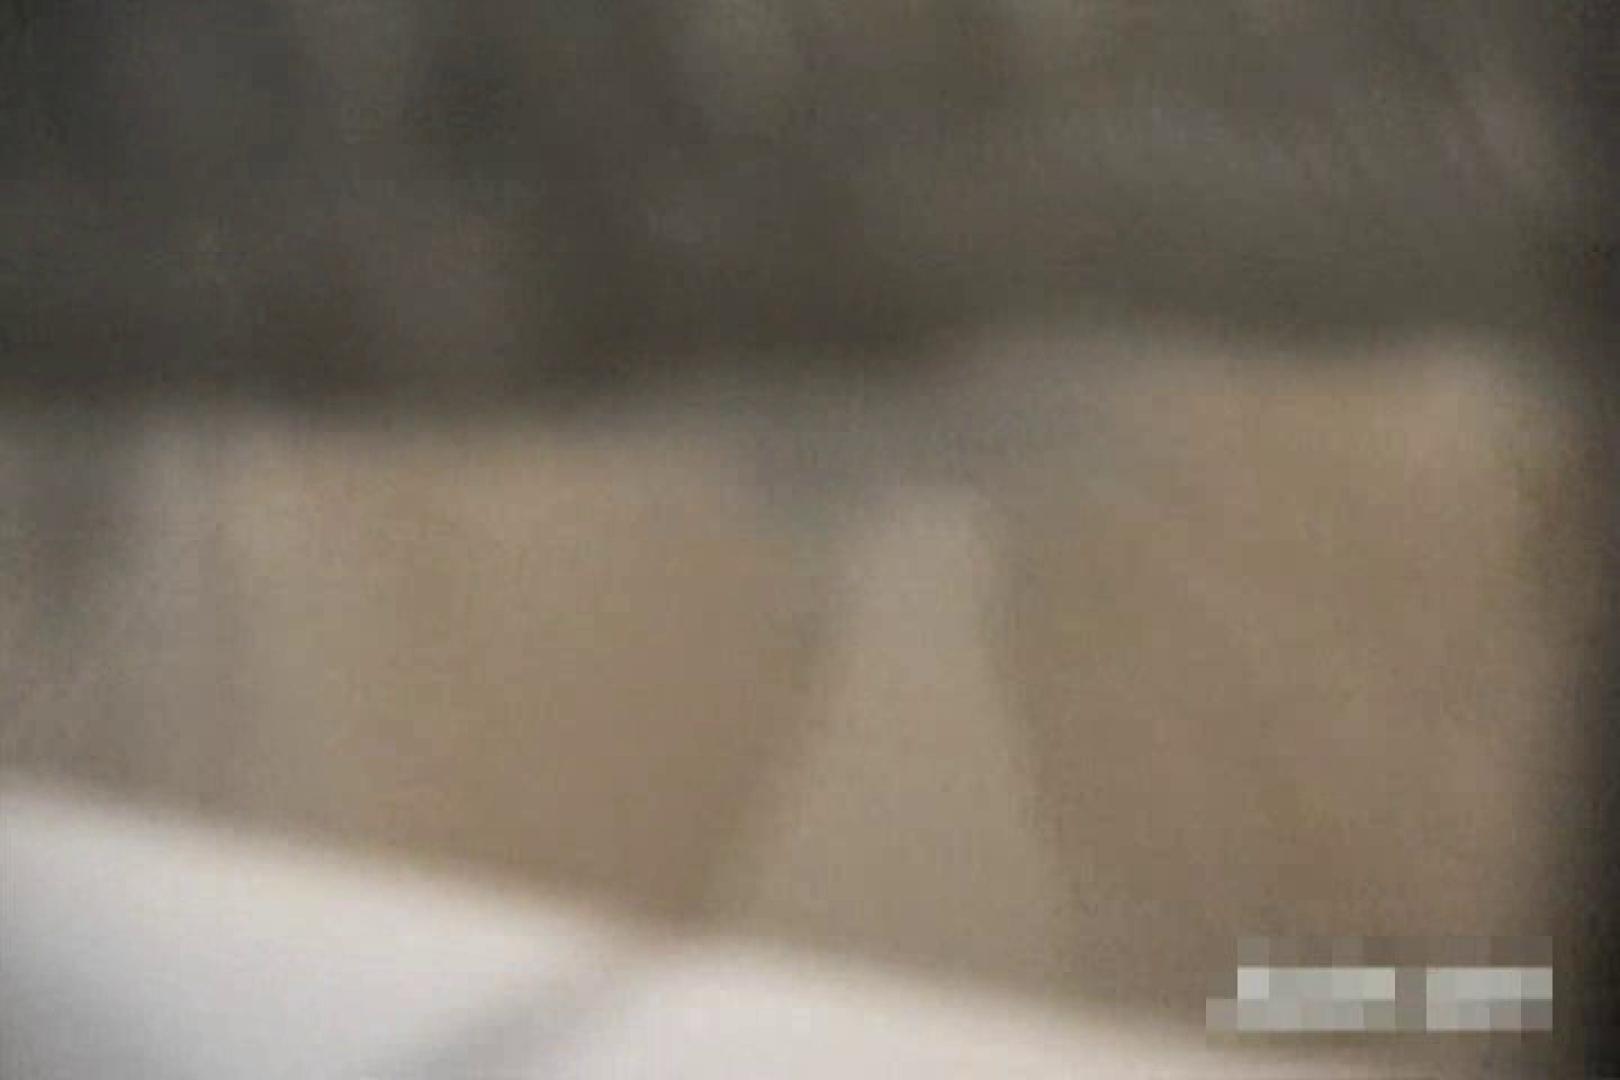 激撮ストーカー記録あなたのお宅拝見しますVol.2 オナニー セックス無修正動画無料 88pic 60